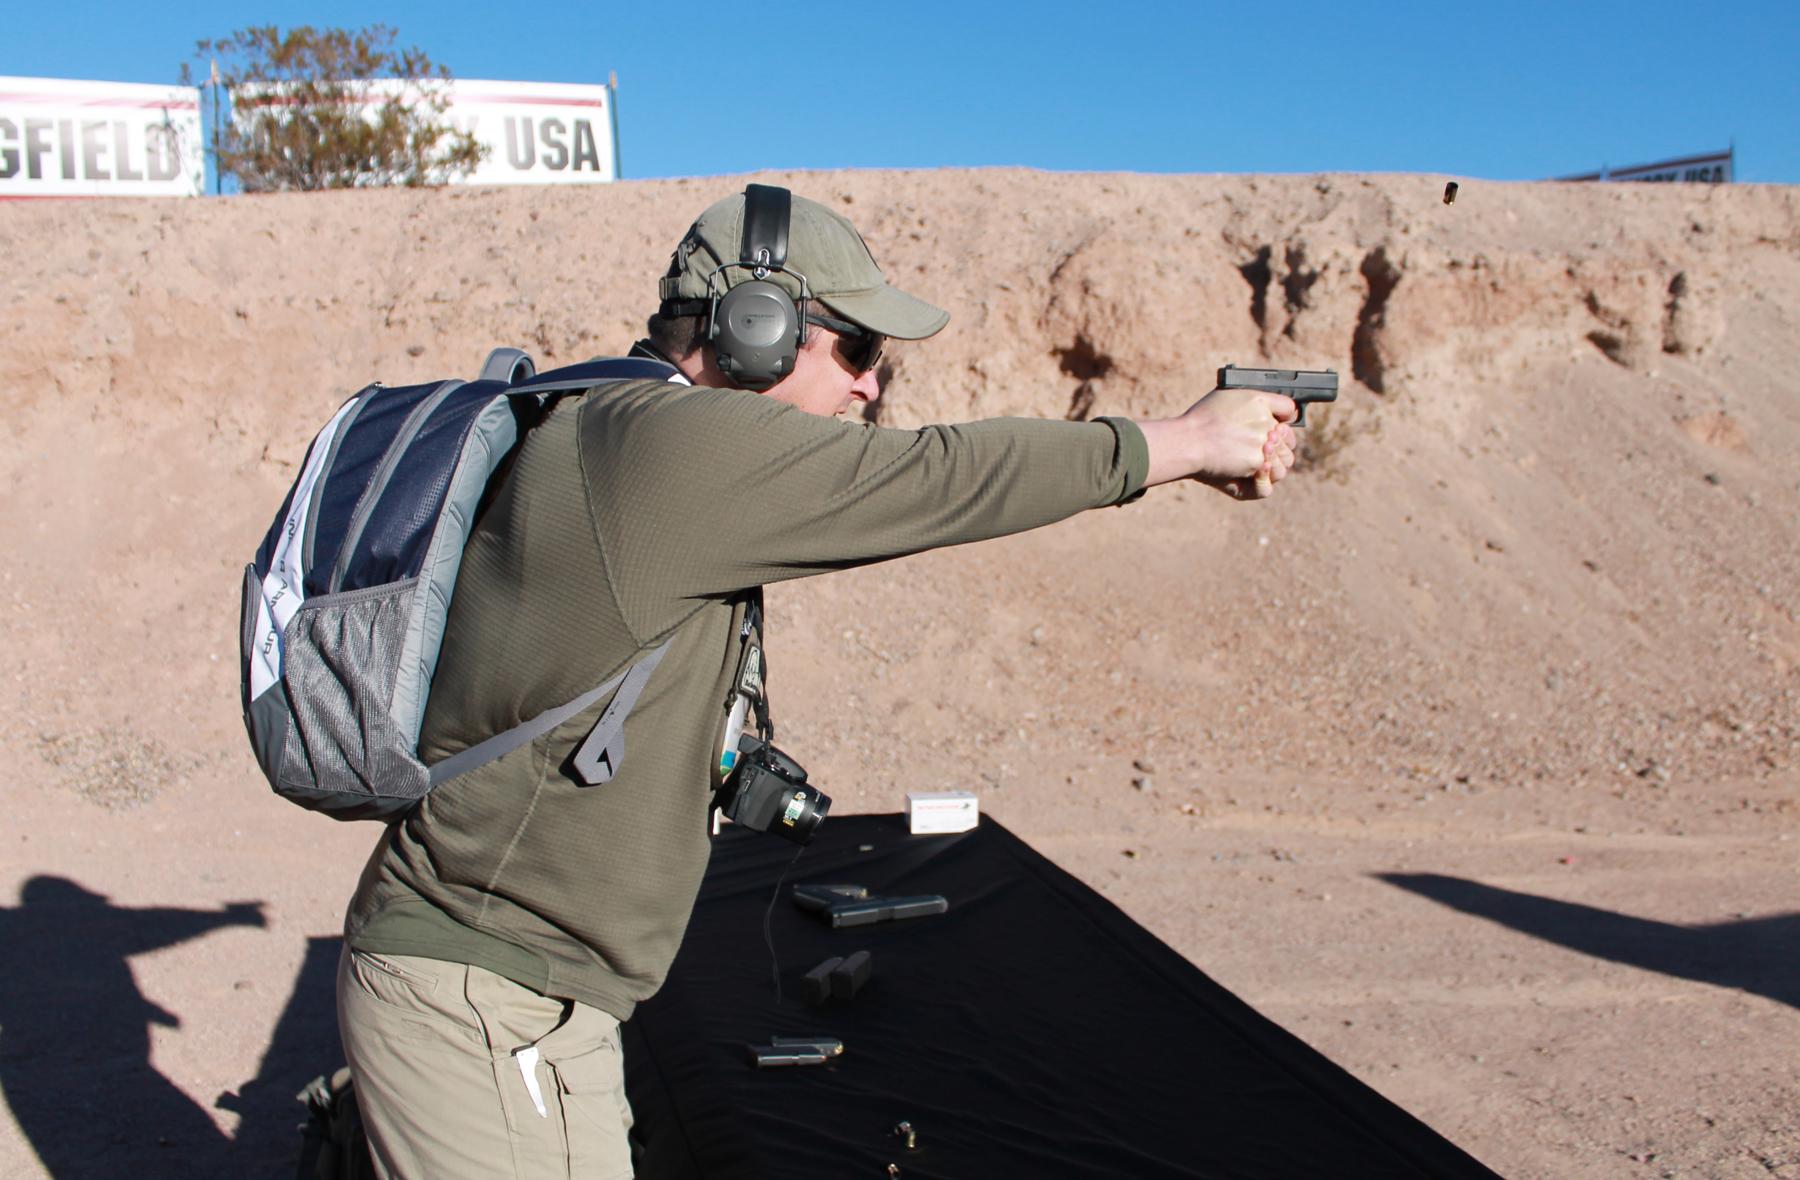 Shooting a Glock 42 at Media Day